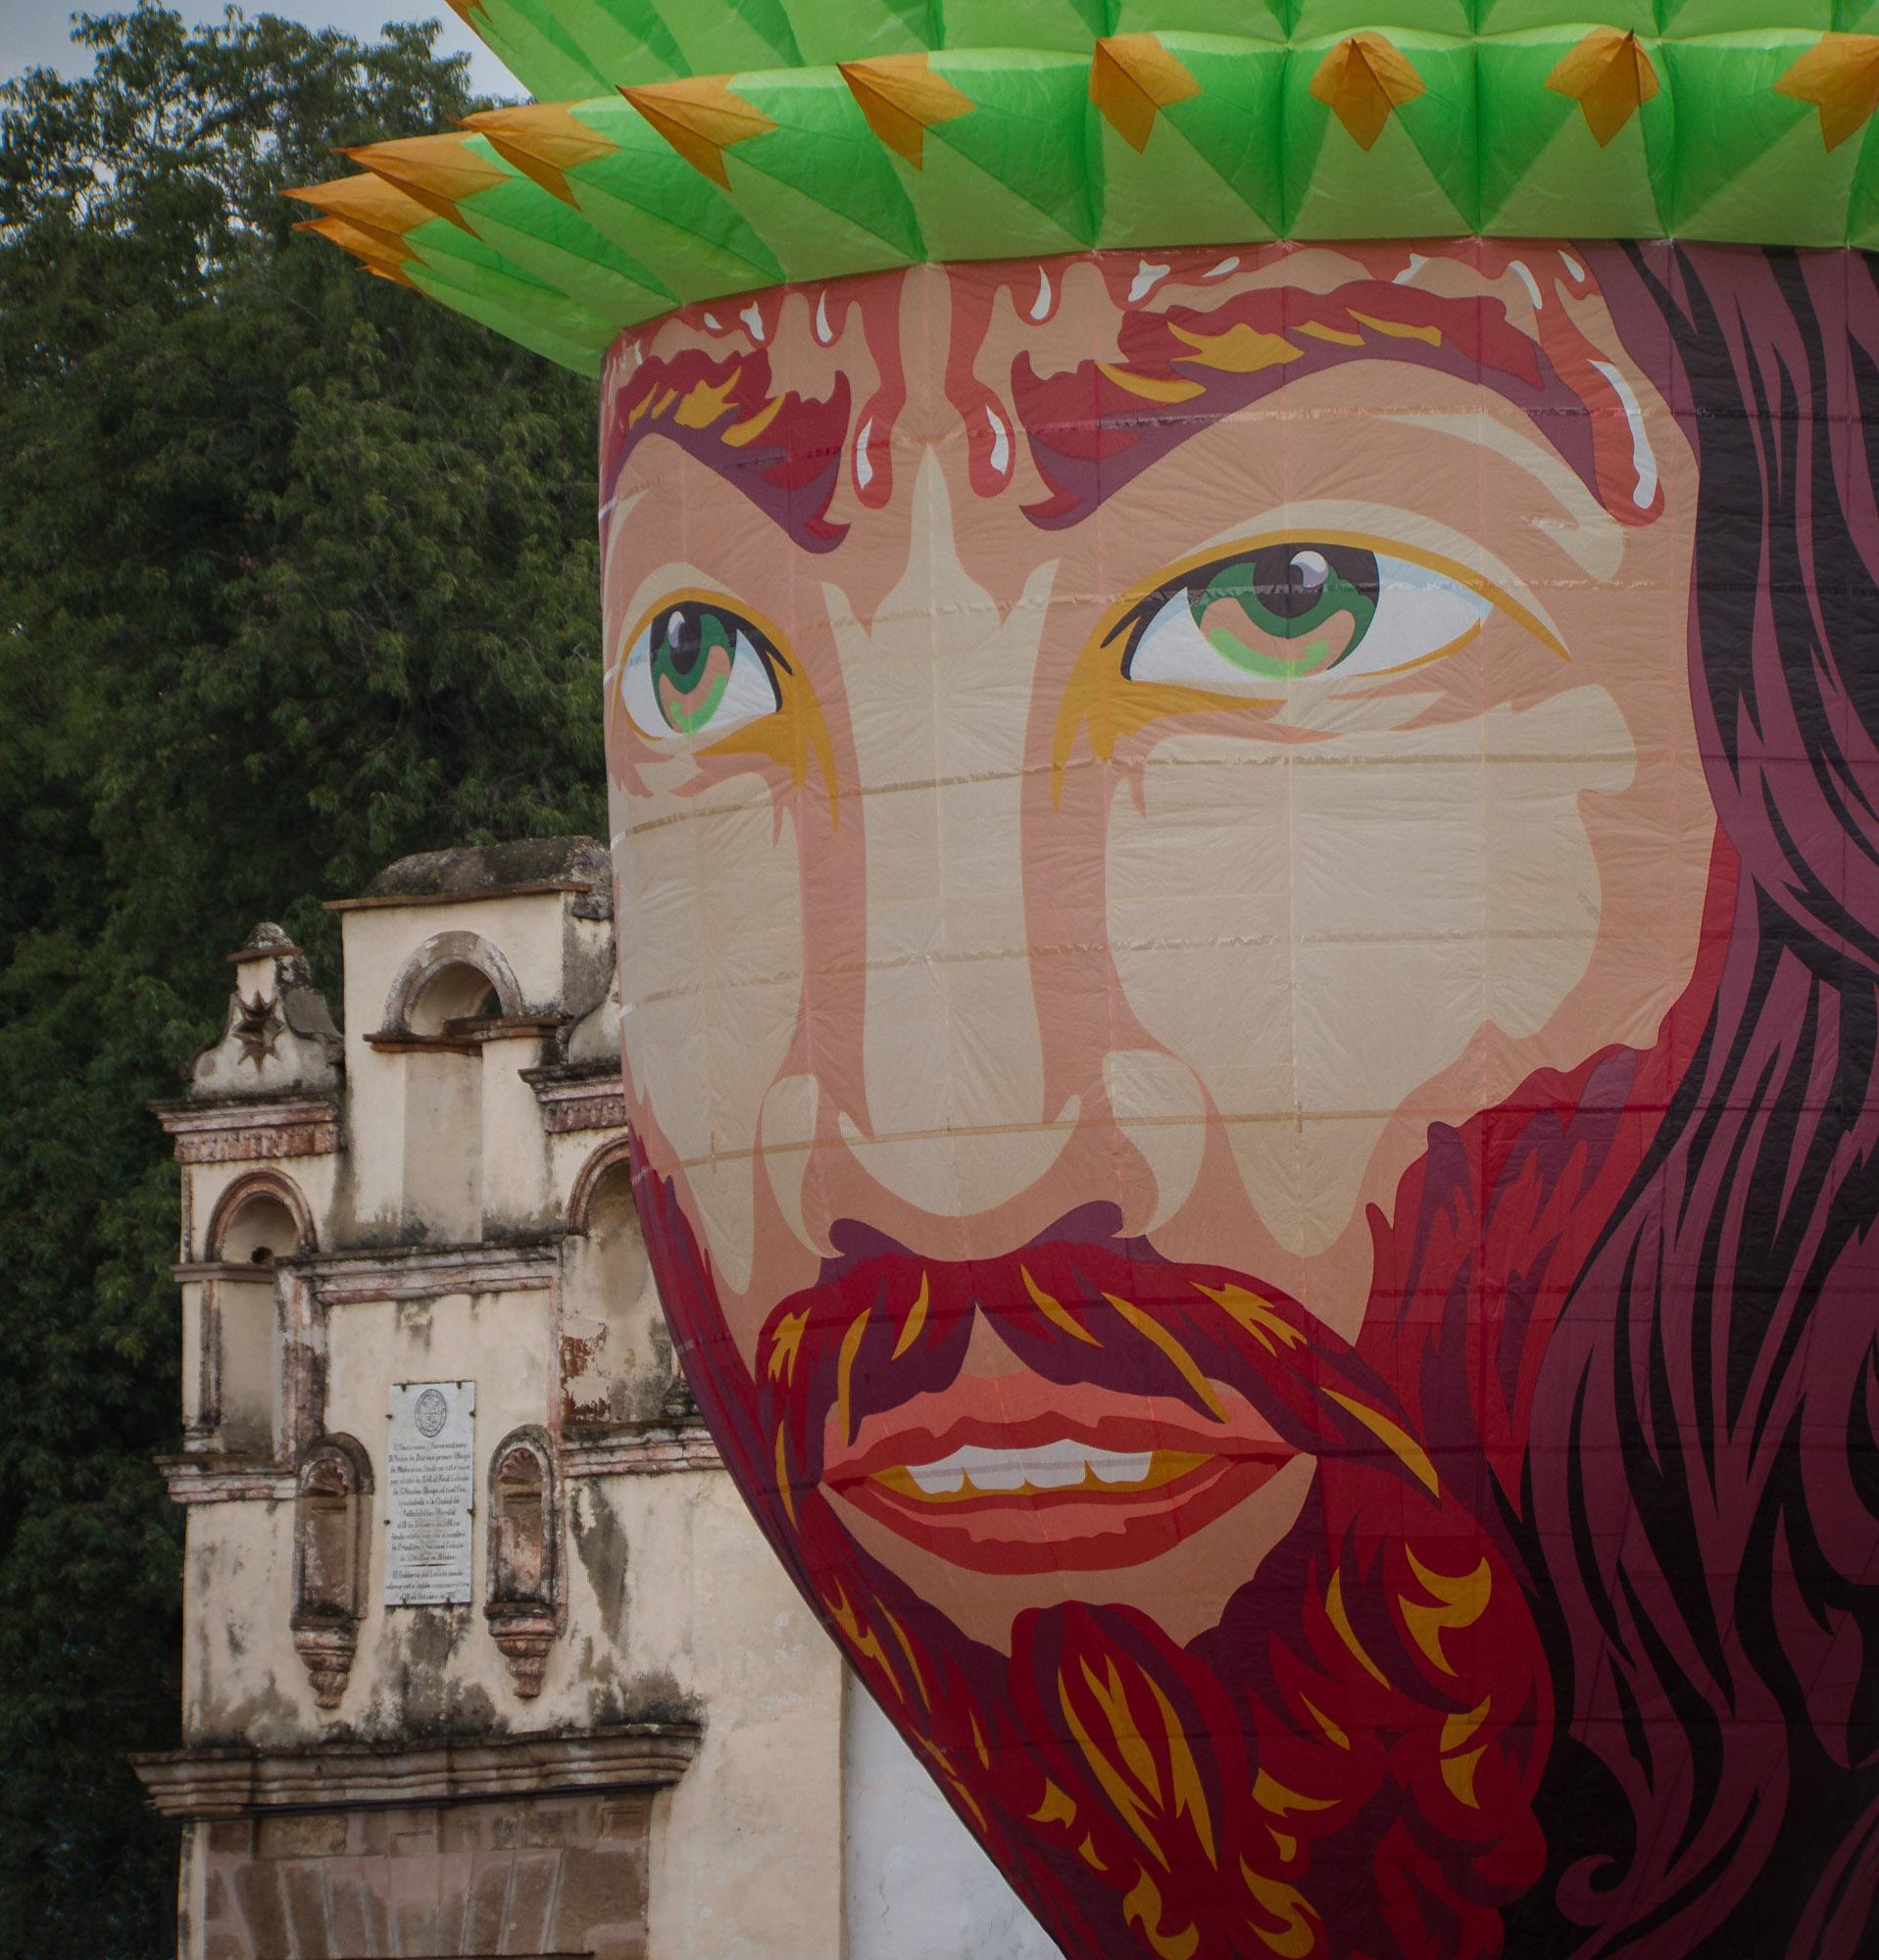 El Señor...   CantoyaFest: Pátzcuaro, Michoacán, Mexico — Sunday, July 23, 2017